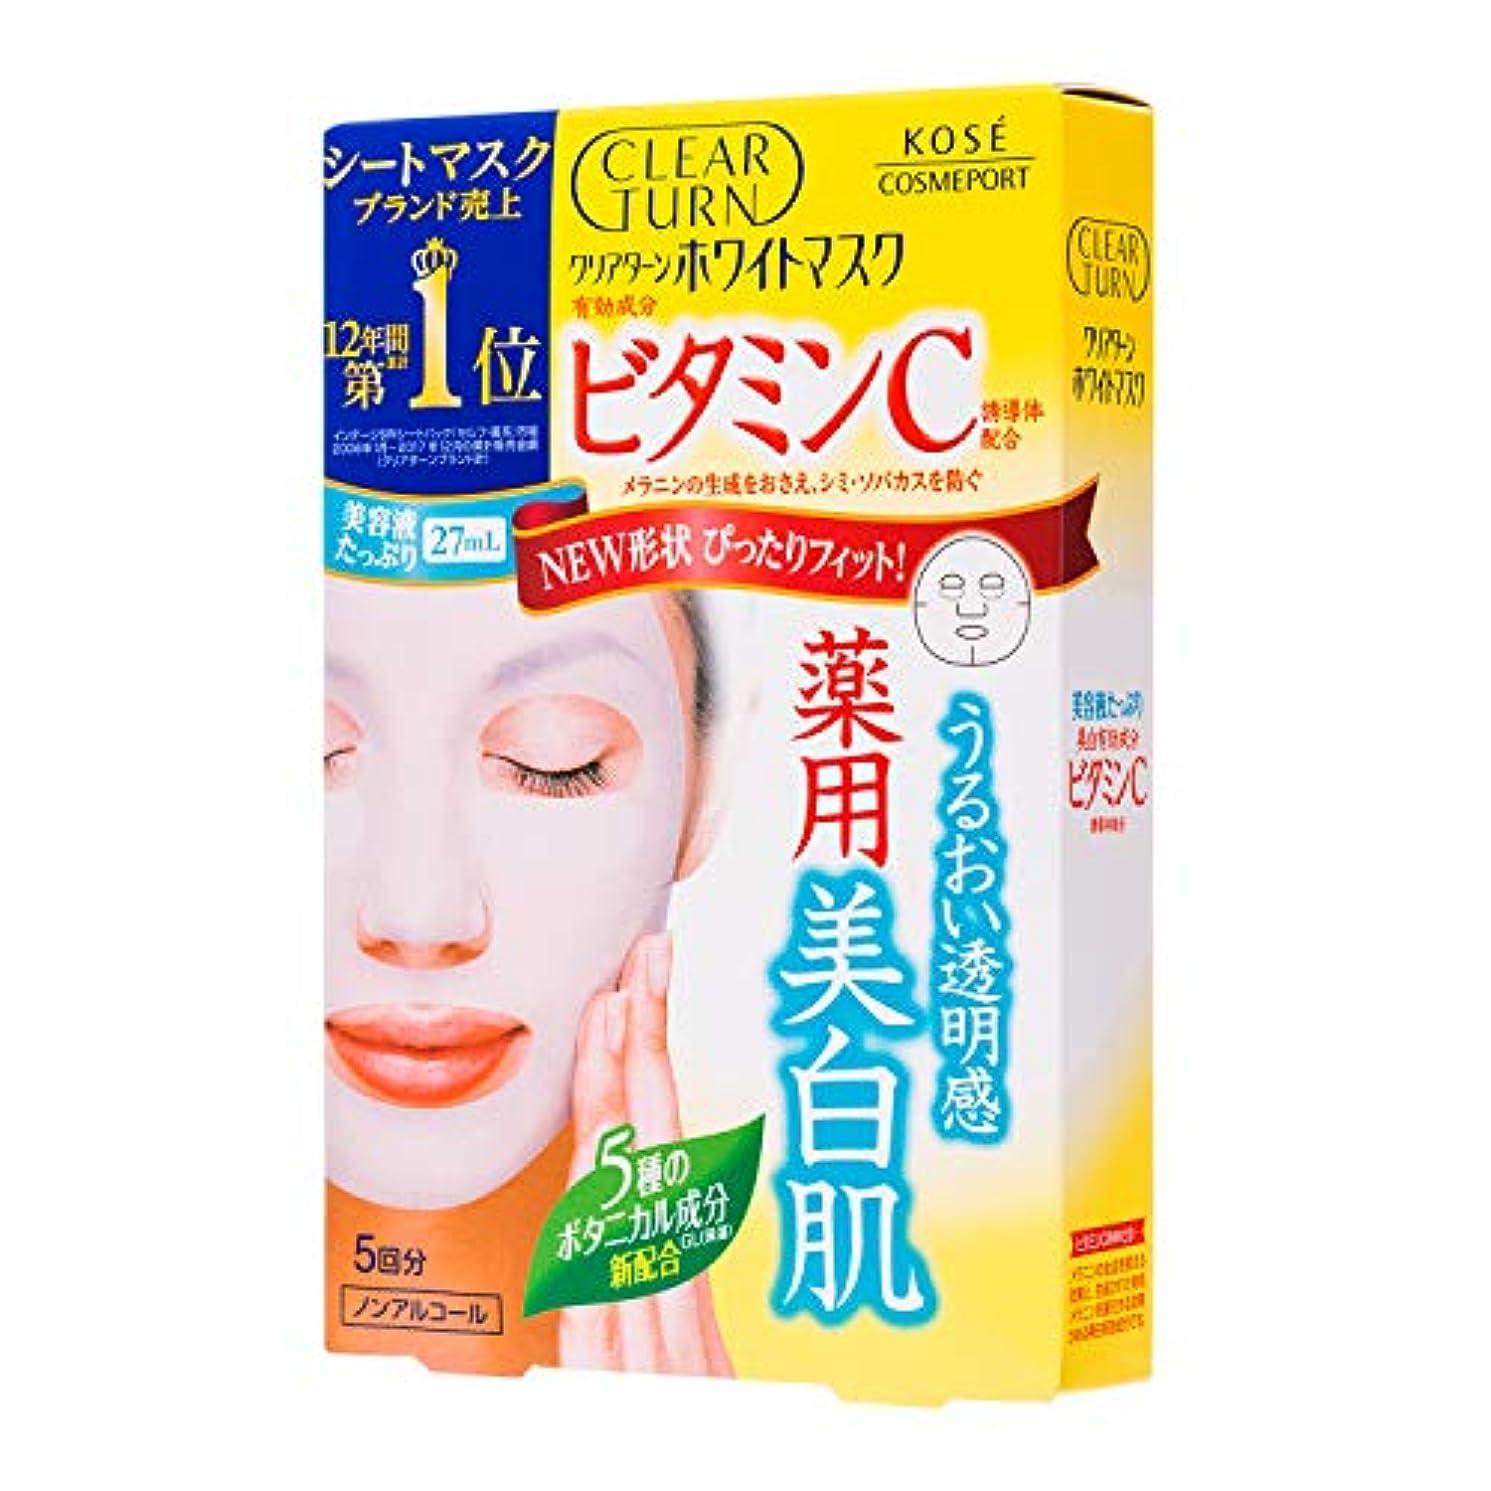 出くわすファン完了KOSE コーセー クリアターン ホワイト マスク VC (ビタミンC) 5枚 フェイスマスク